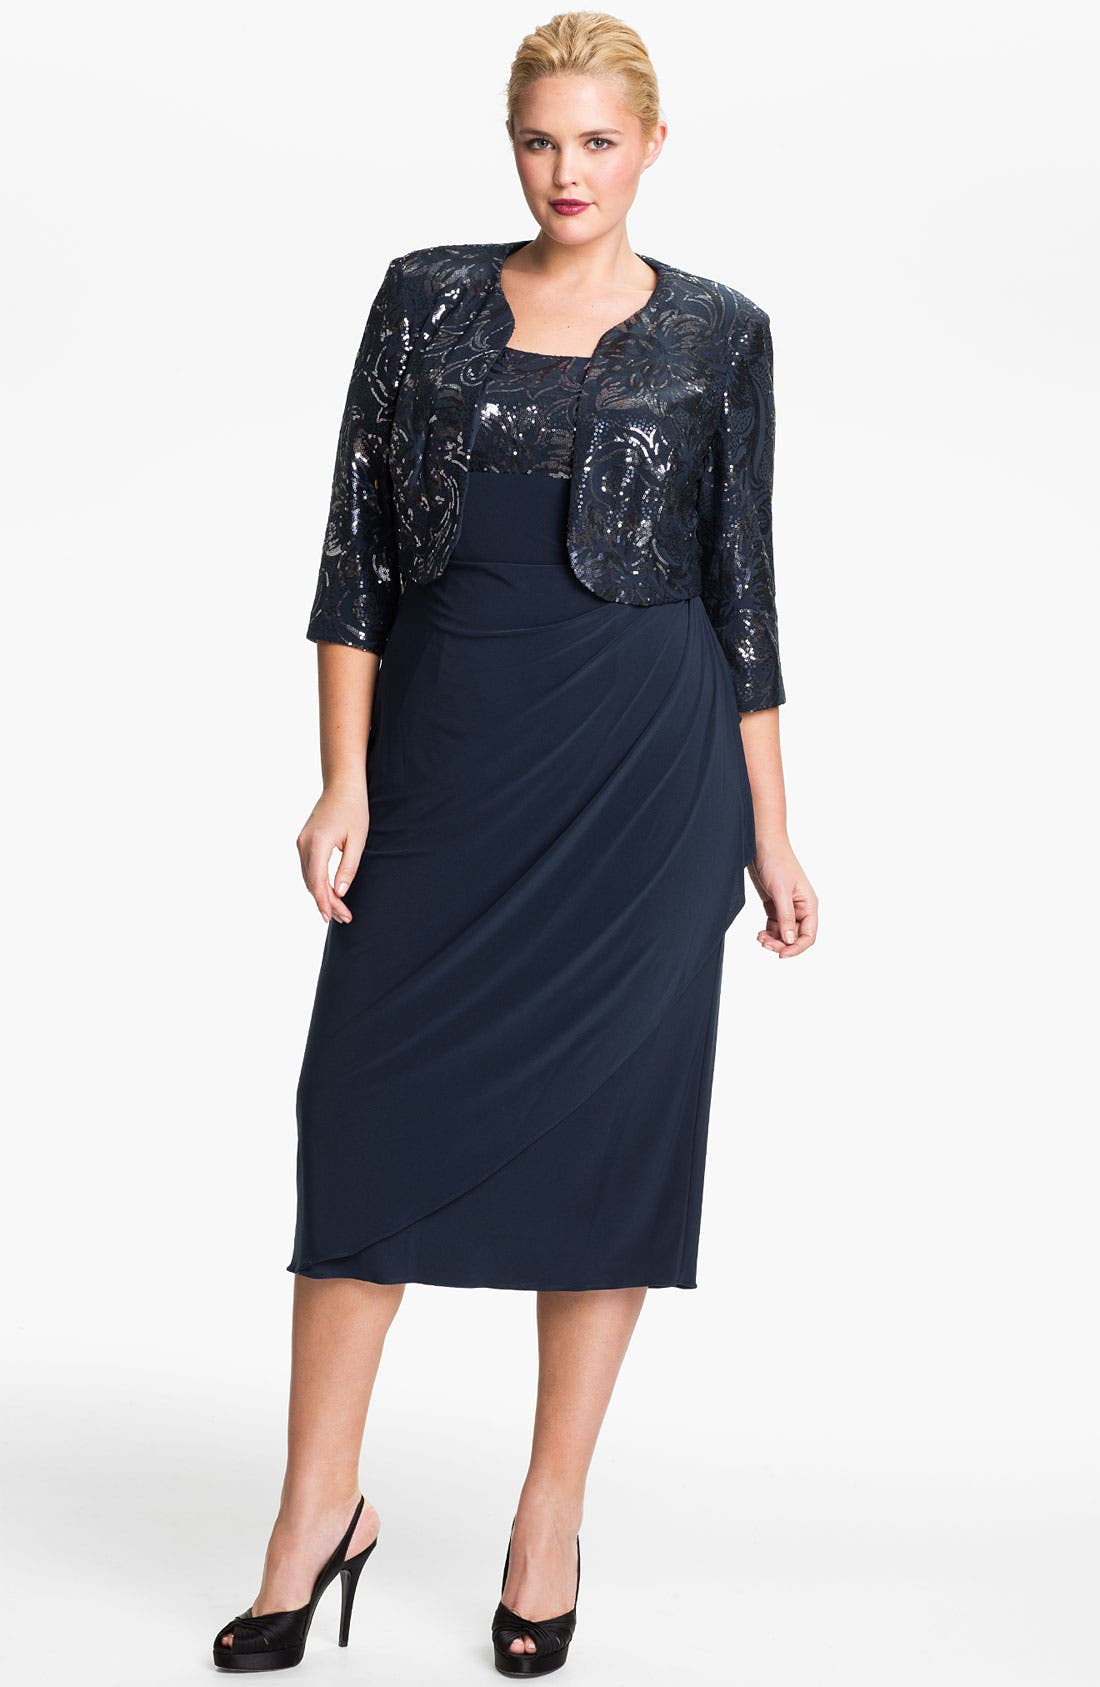 Alternate Image 1 Selected - Alex Evenings Sequin Faux Wrap Dress & Jacket (Plus)